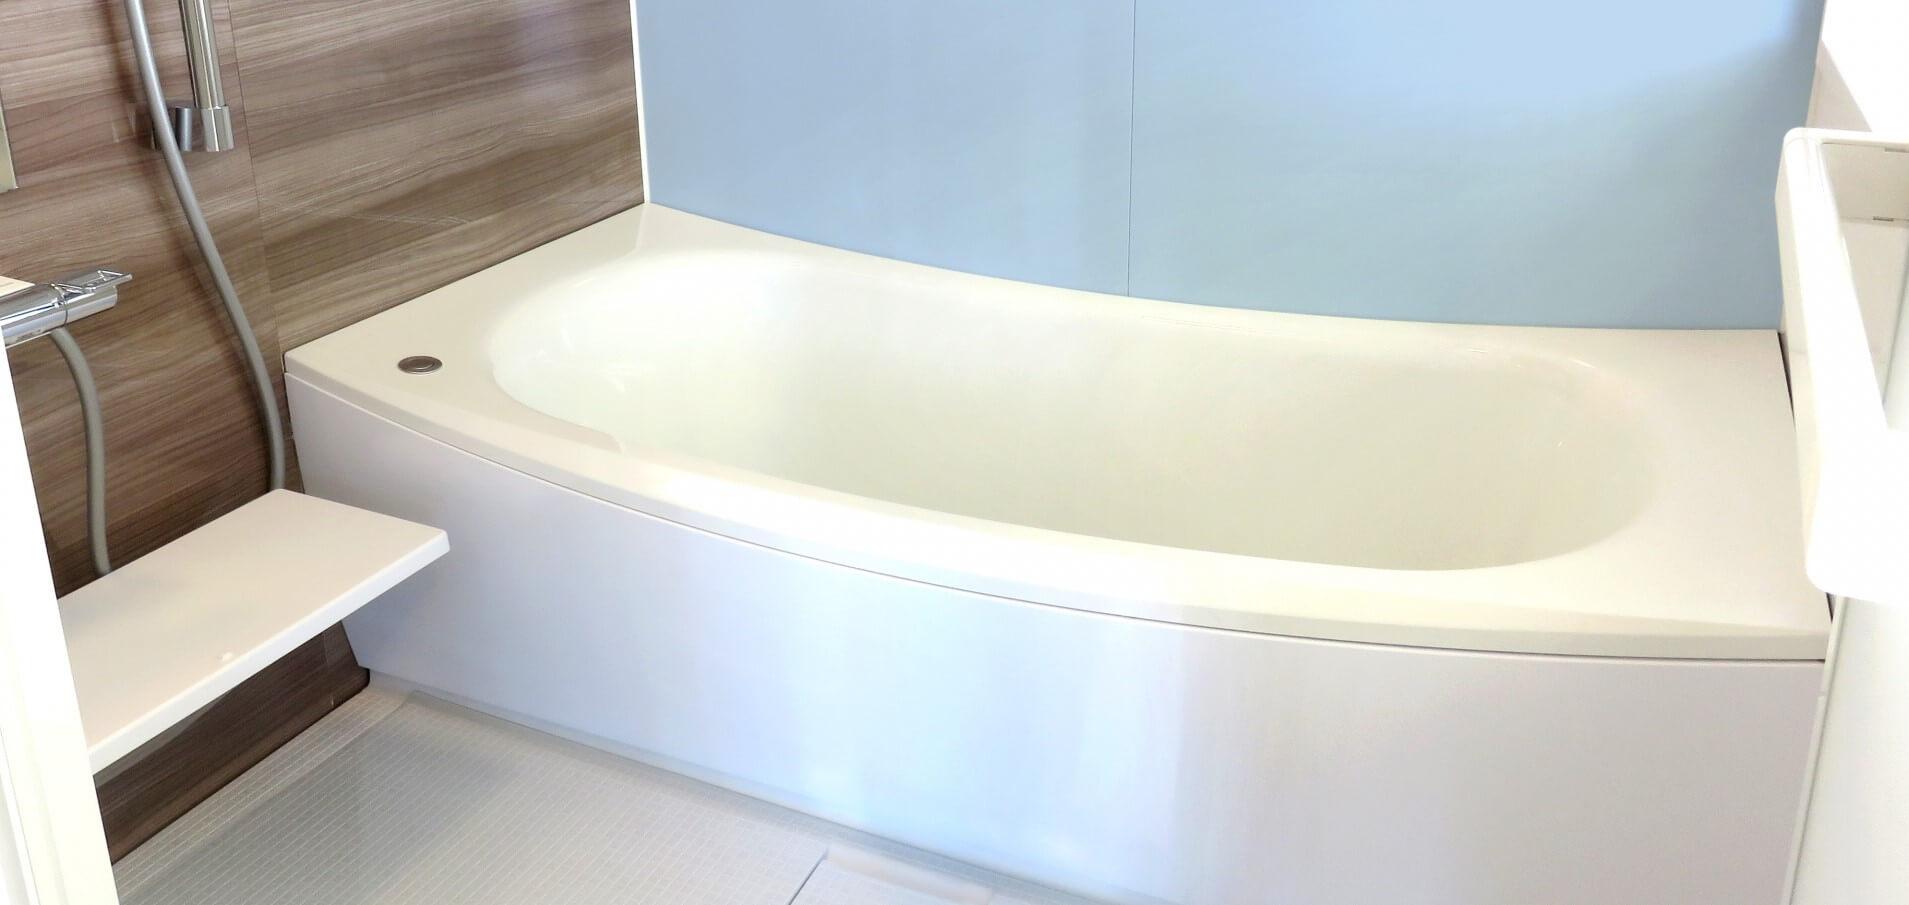 お風呂の水漏れ、つまりなど水まわりのトラブルはザットマンにお任せください